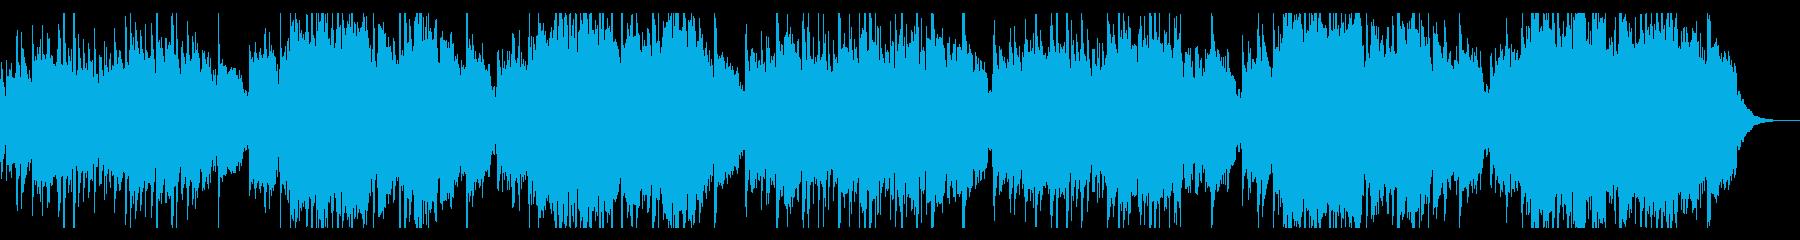 穏やかで切ないケルト風バラードの再生済みの波形